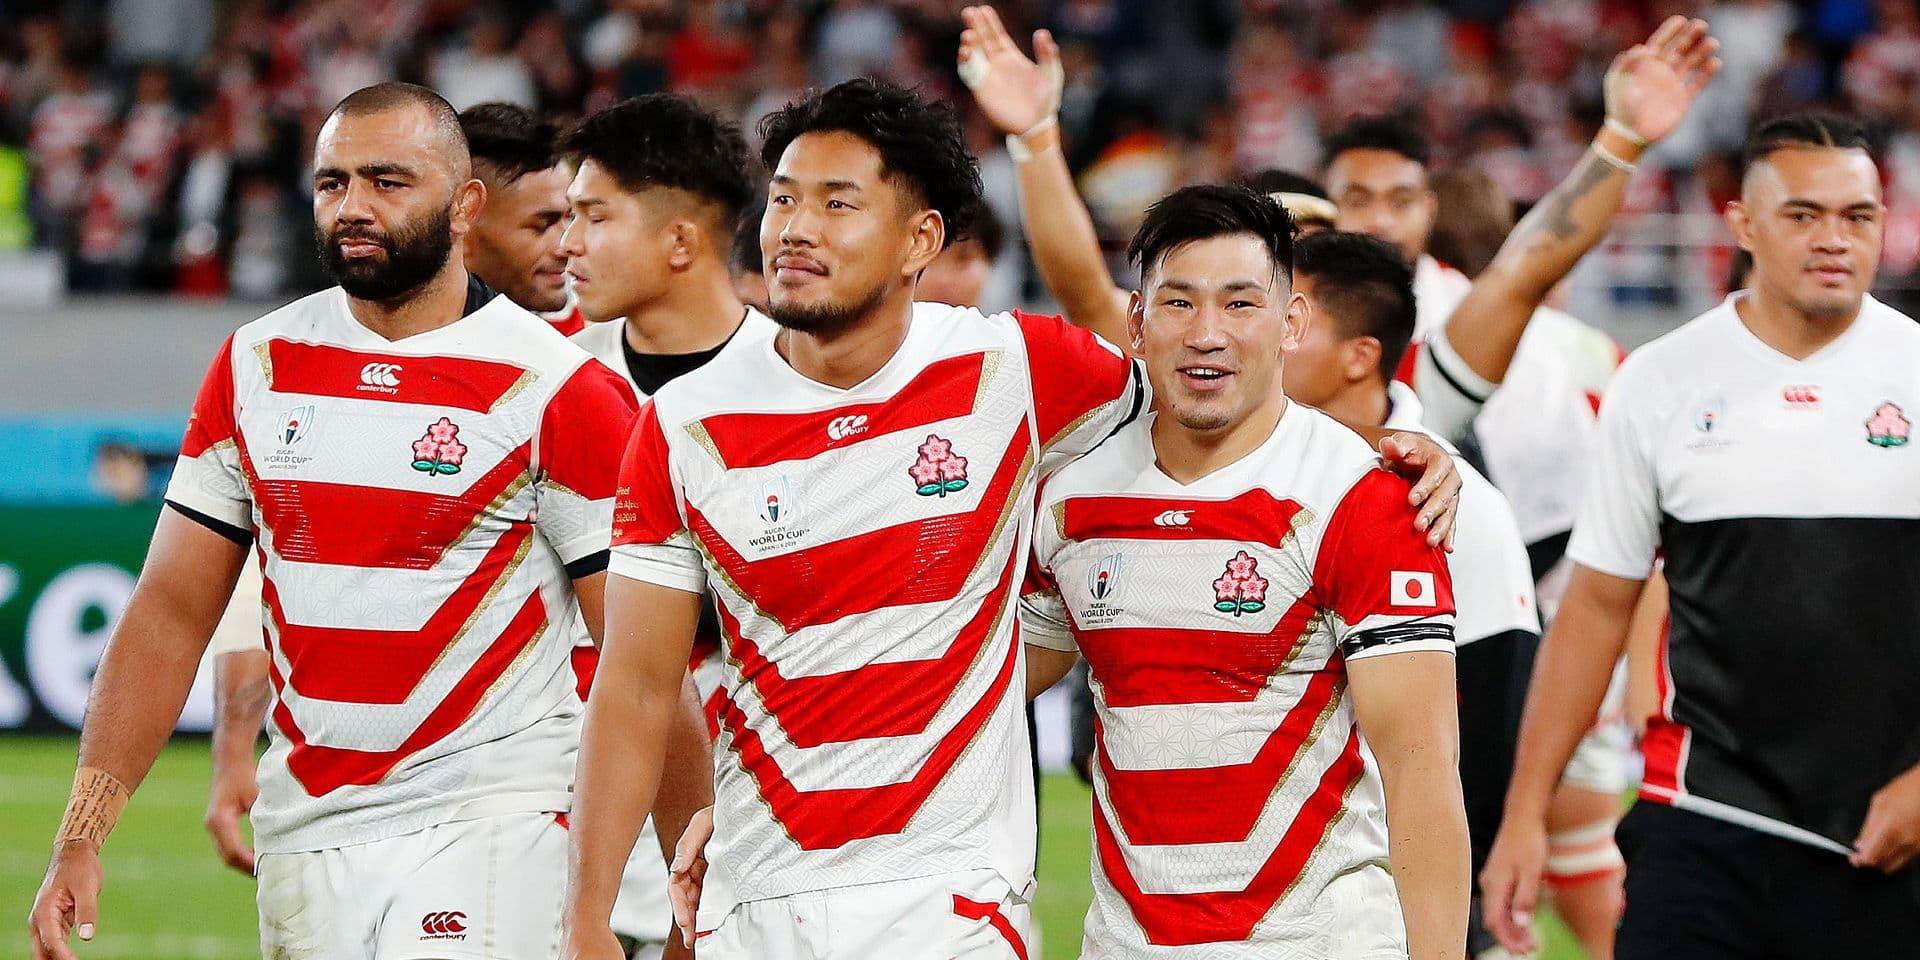 Mondial de rugby: le chagrin des Bleus, la fierté du Japon